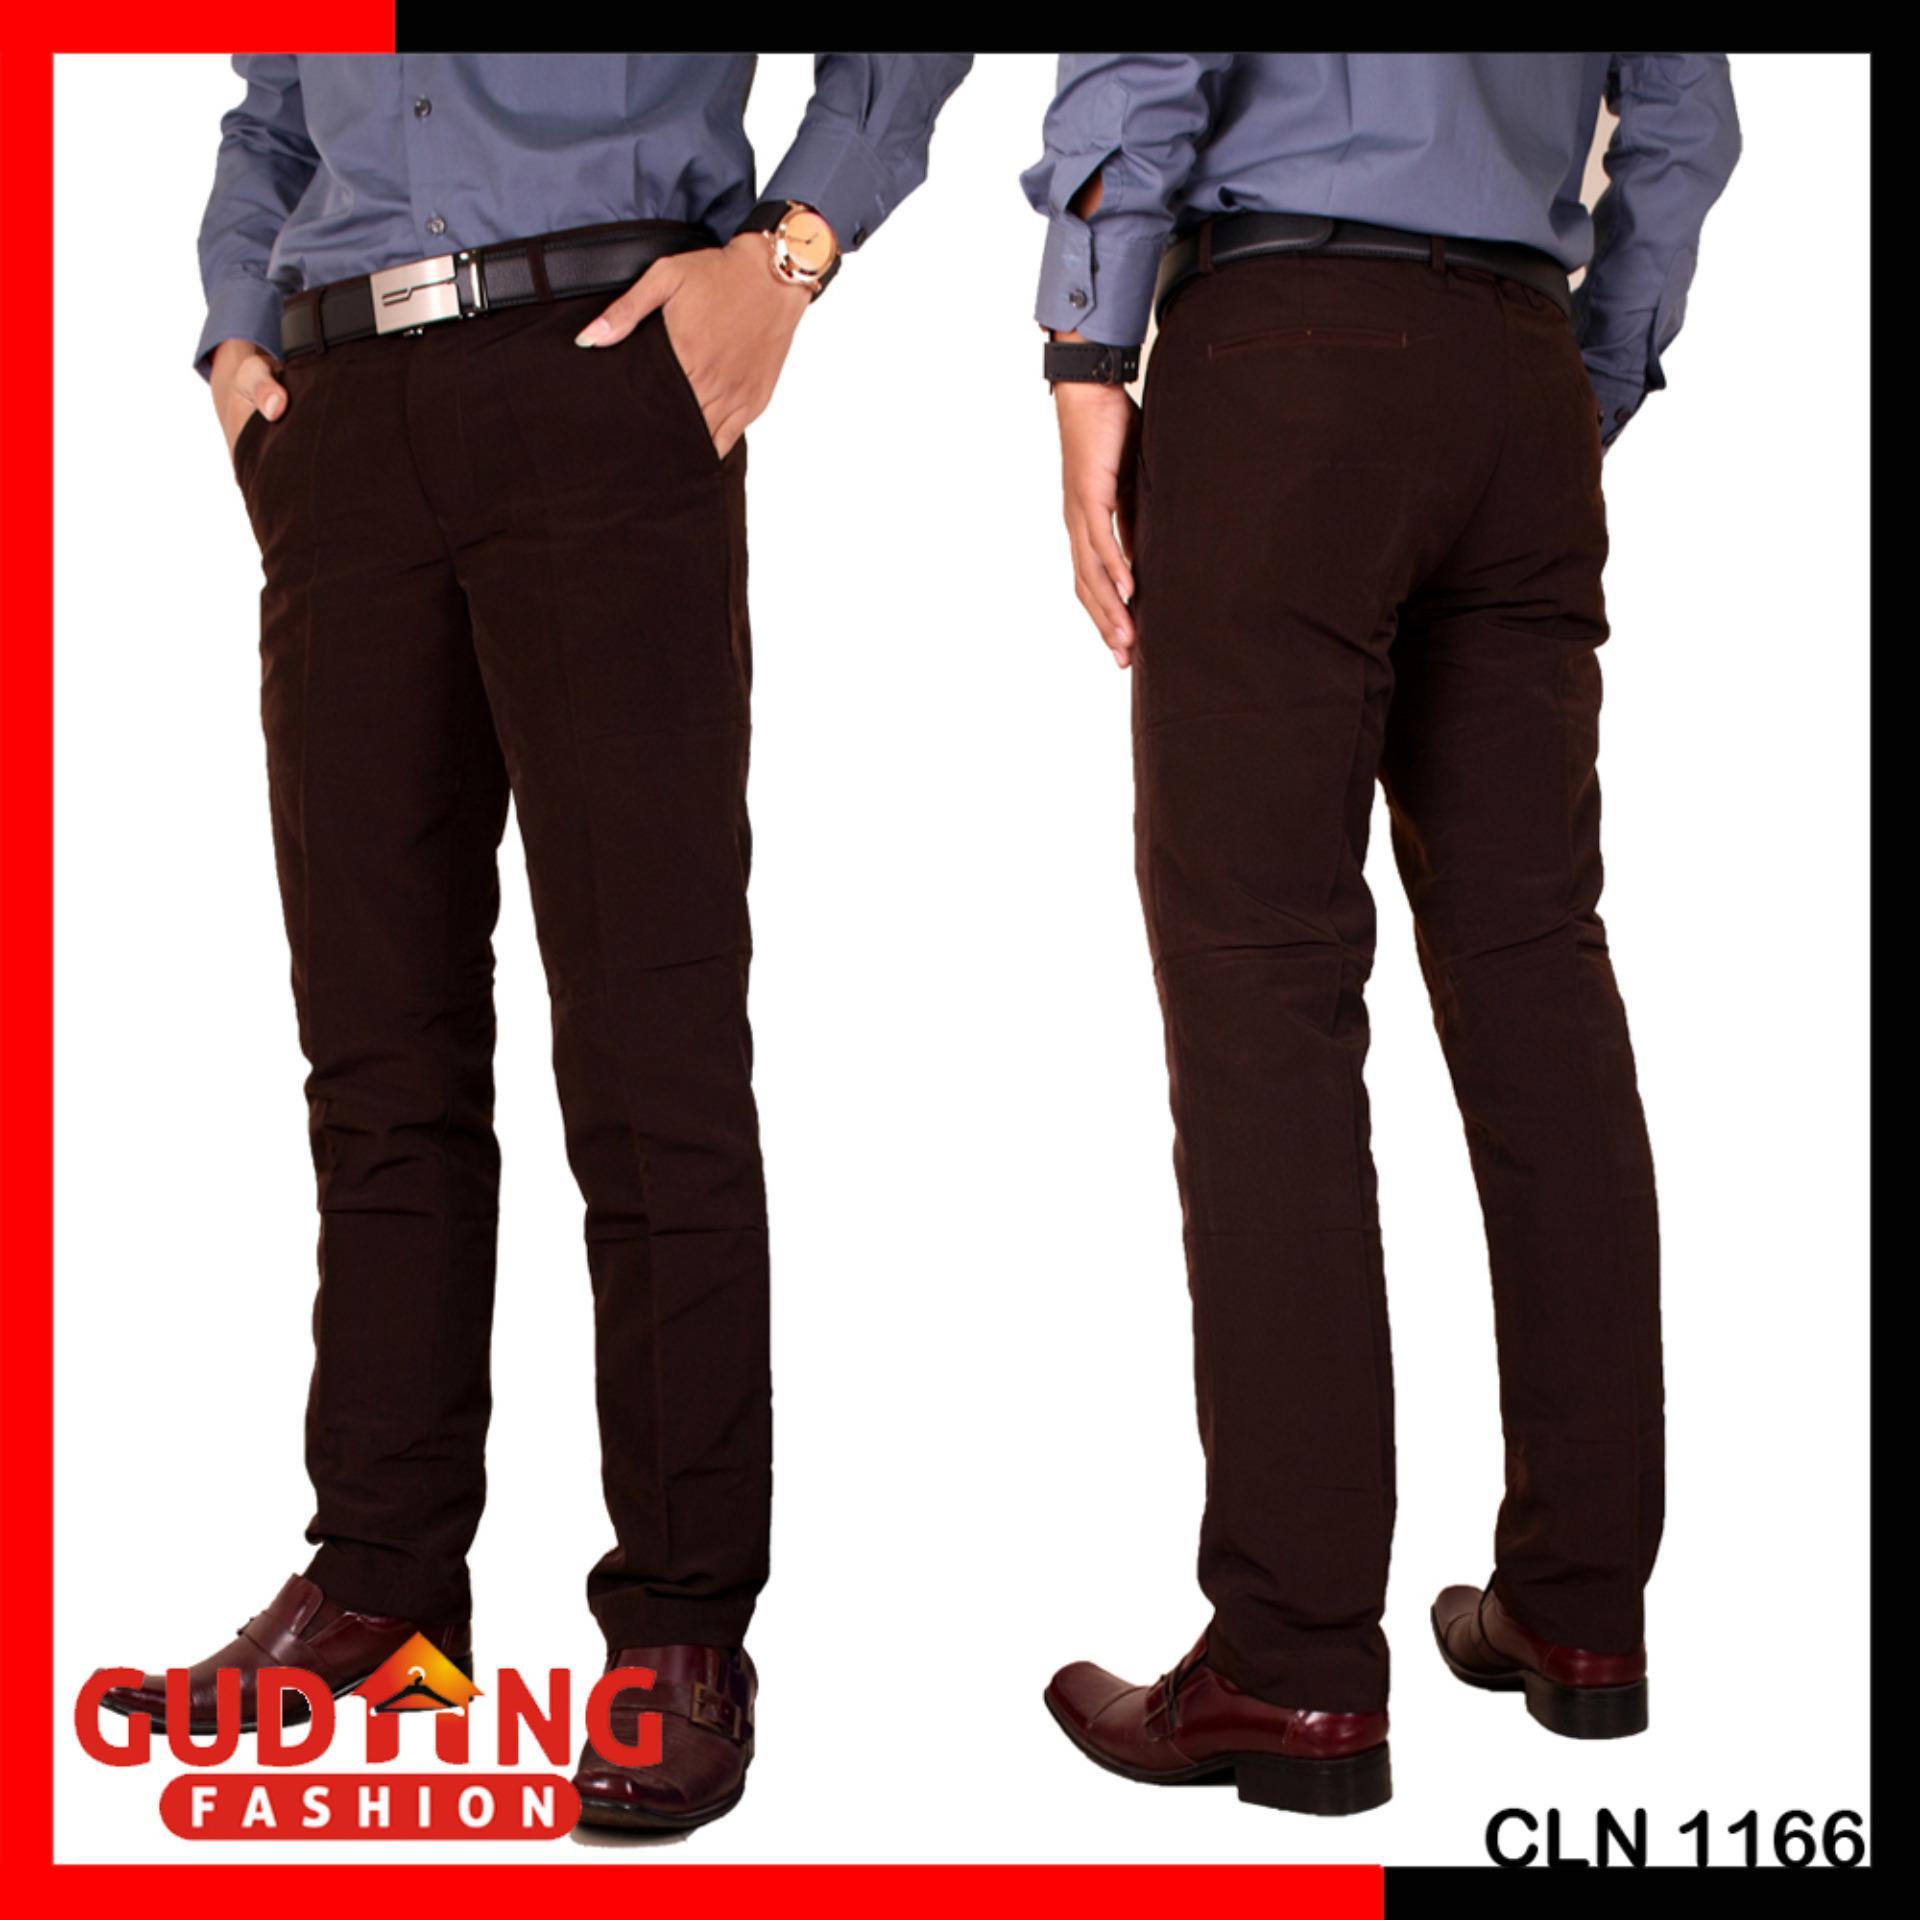 ... Gudang Fashion - Celana Panjang Formal Slim Fit Pria Kantoran - 3